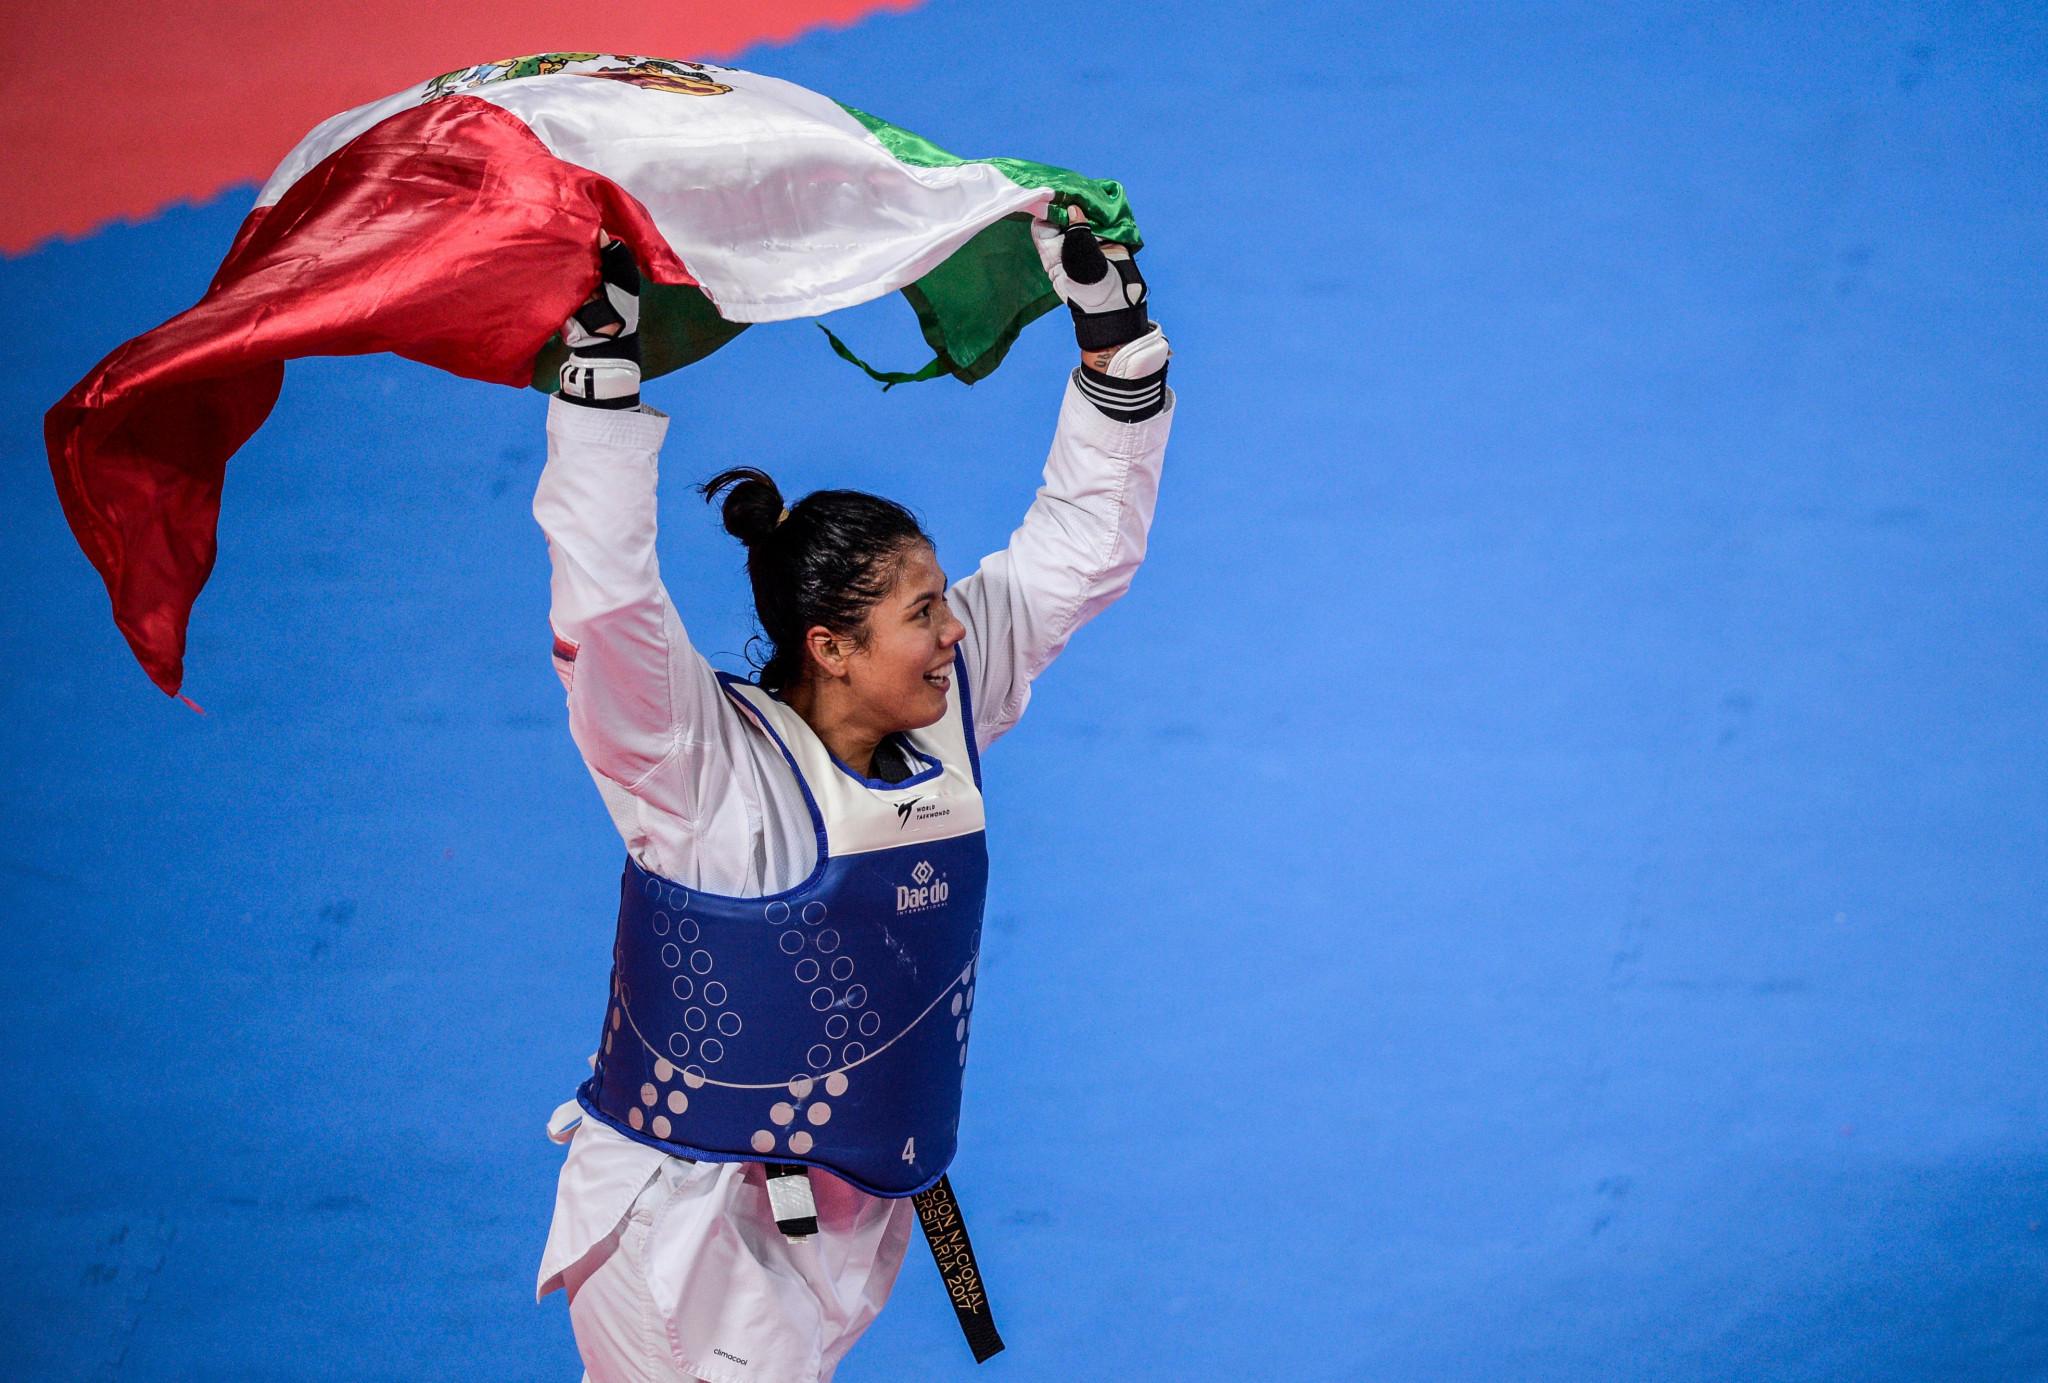 Acosta beats Espinoza again to book Mexican taekwondo spot at Tokyo 2020